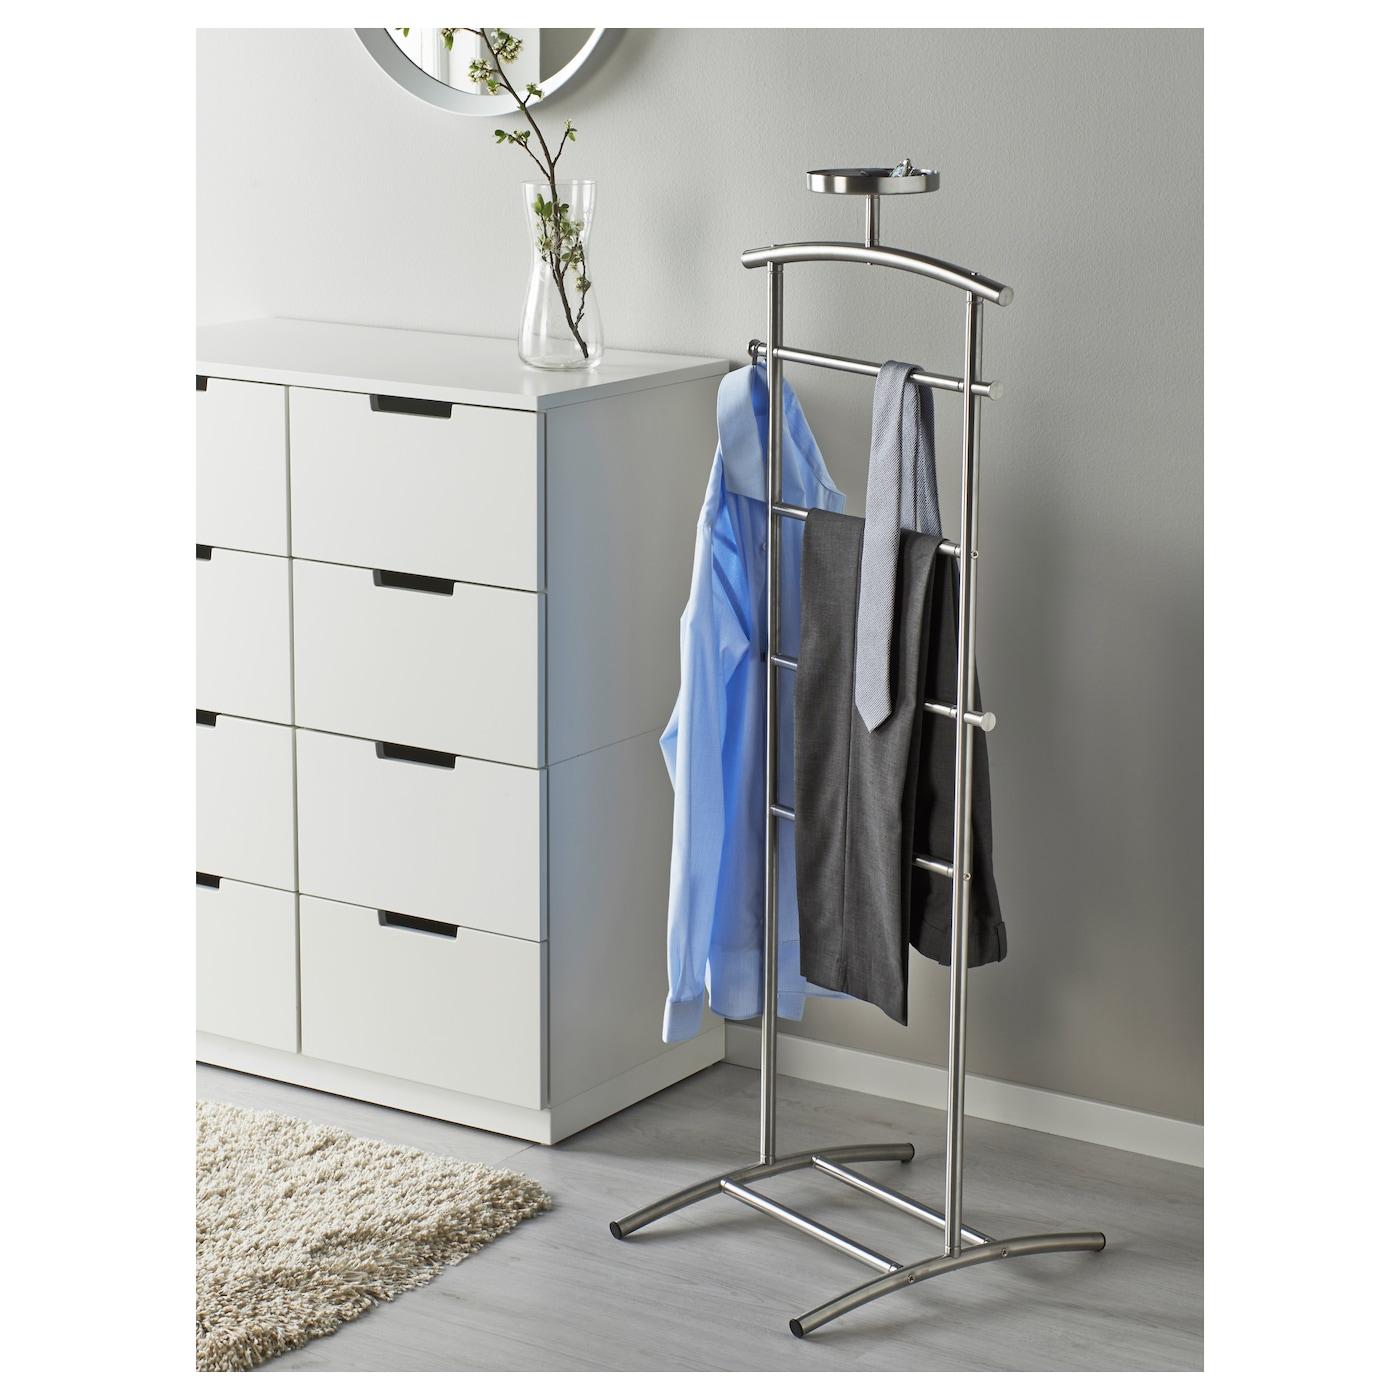 grundtal valet stand stainless steel 128 cm ikea. Black Bedroom Furniture Sets. Home Design Ideas